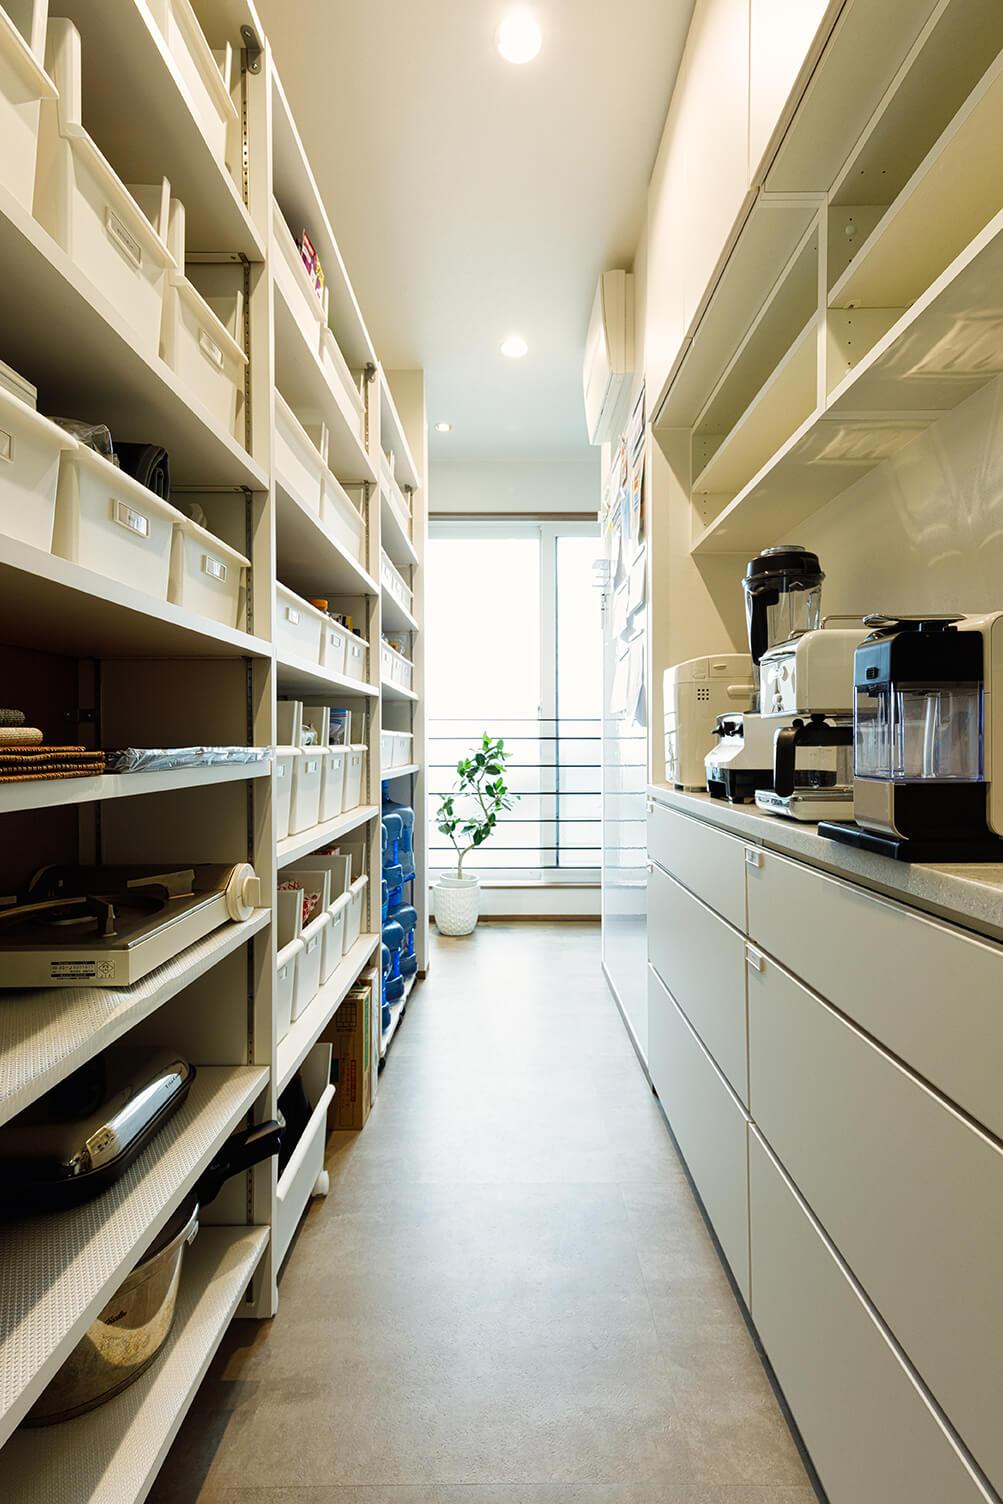 キッチン背面に設けた3.3畳のパントリーはぜひとも参考にしたい収納の1つです。キッチンの両サイドからアクセスできるのも好評。棚に入れた白い収納ボックスも見どころ。通路は幅750㎜とゆったりとしたサイズです。